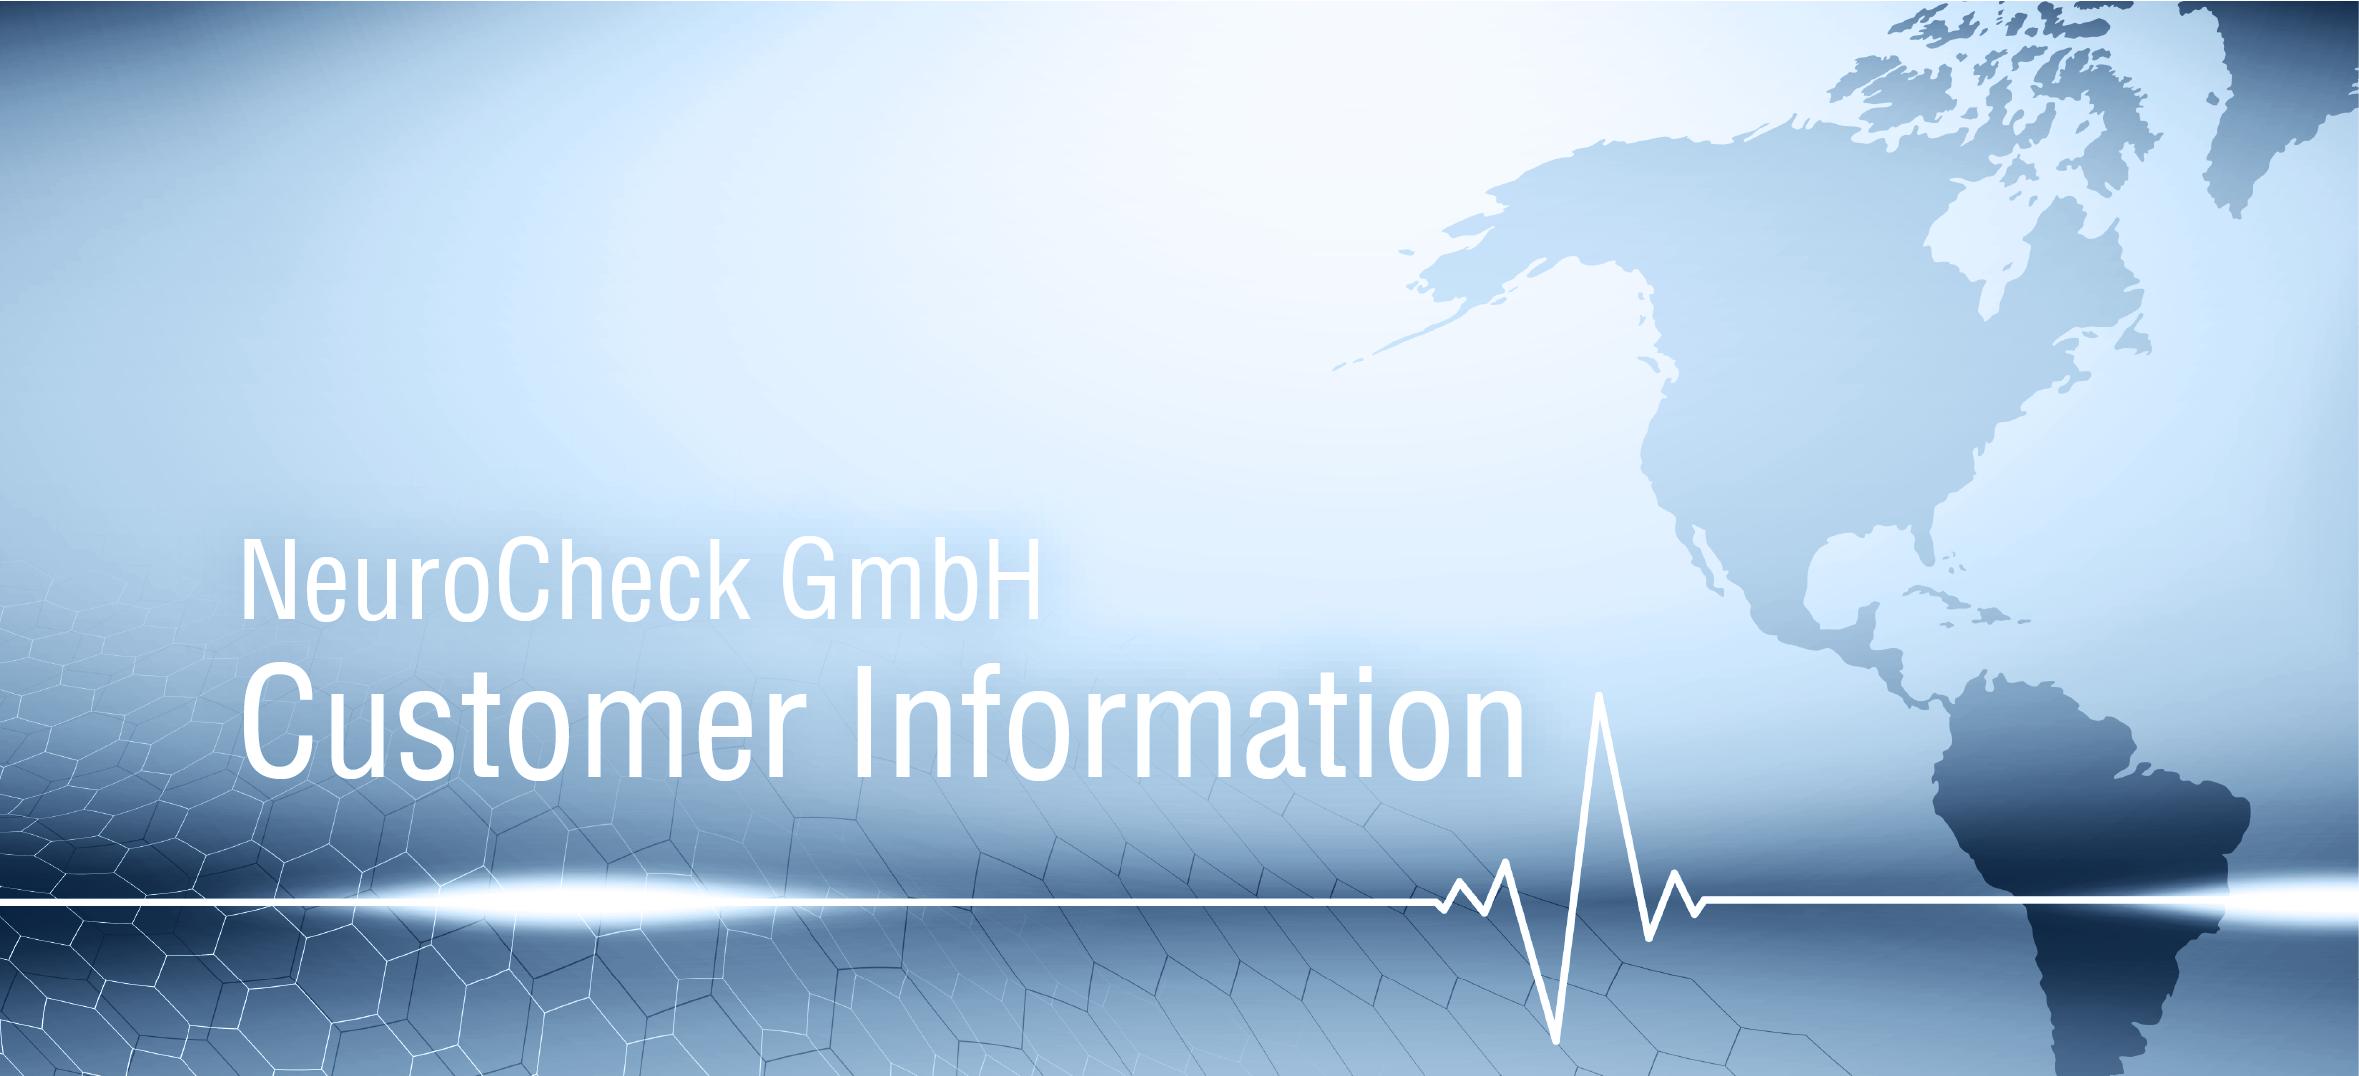 NeuroCheck Customer Info Covid-19 (Image © NeuroCheck)